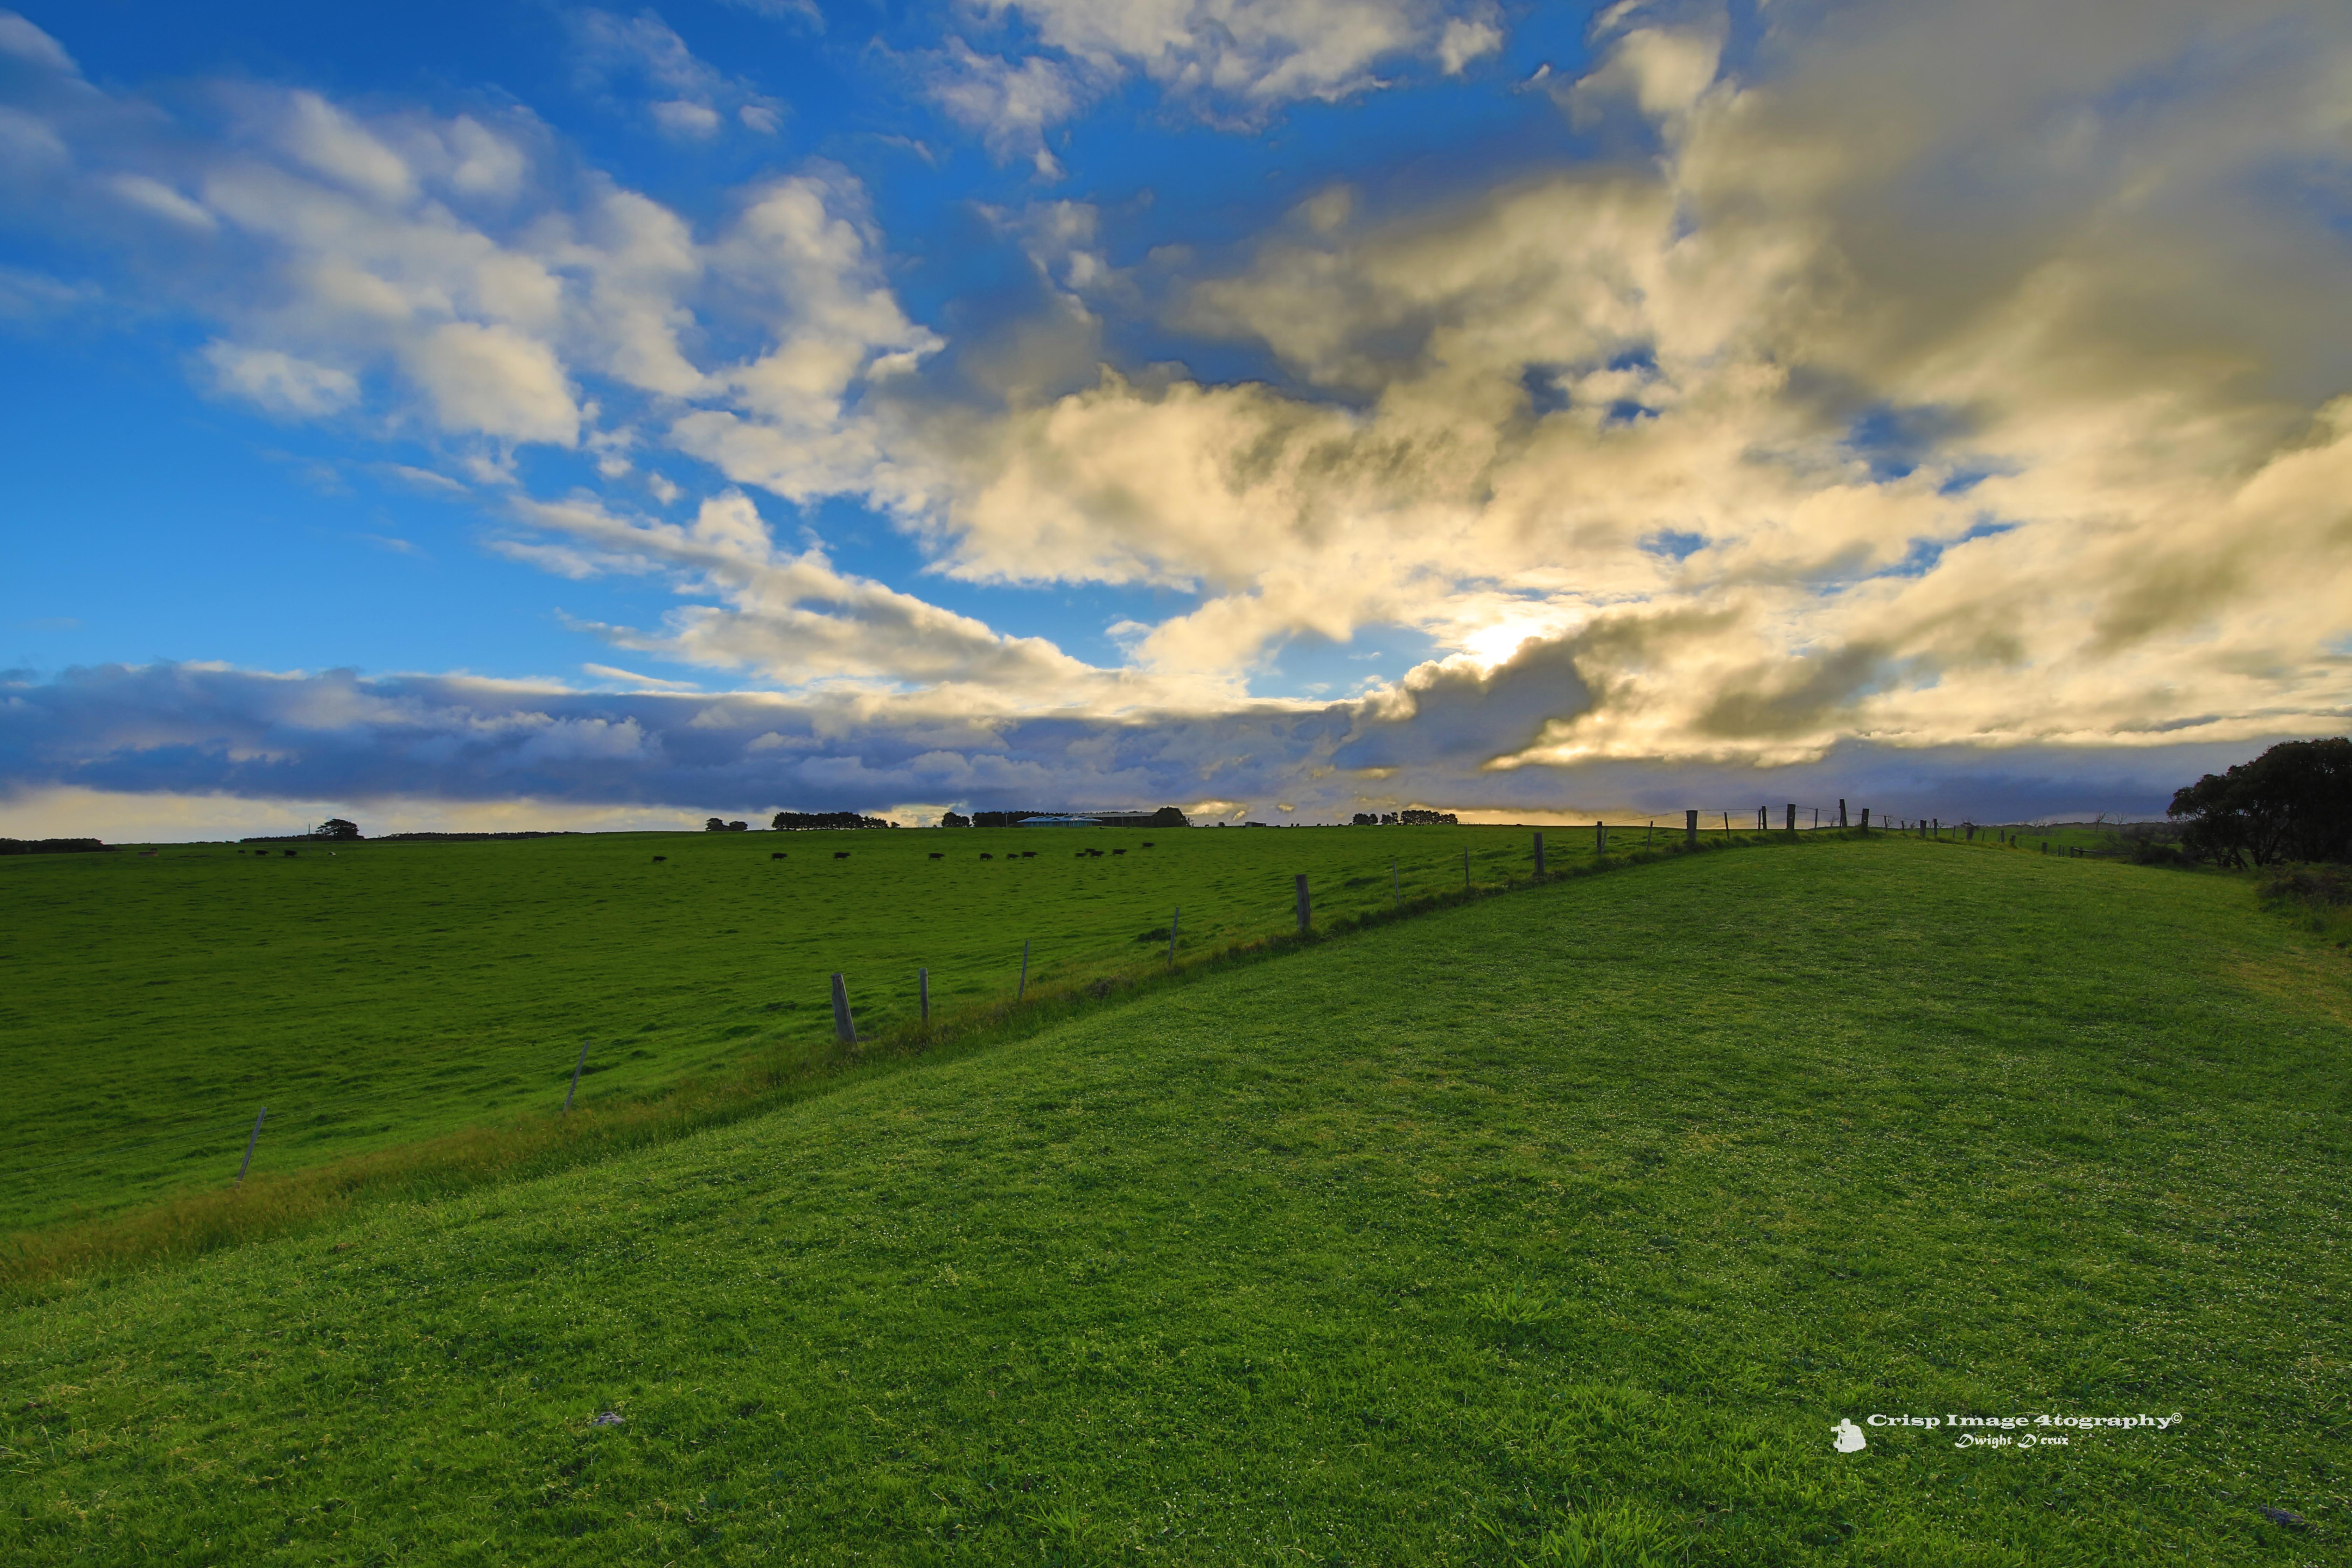 Inverloch Pasture